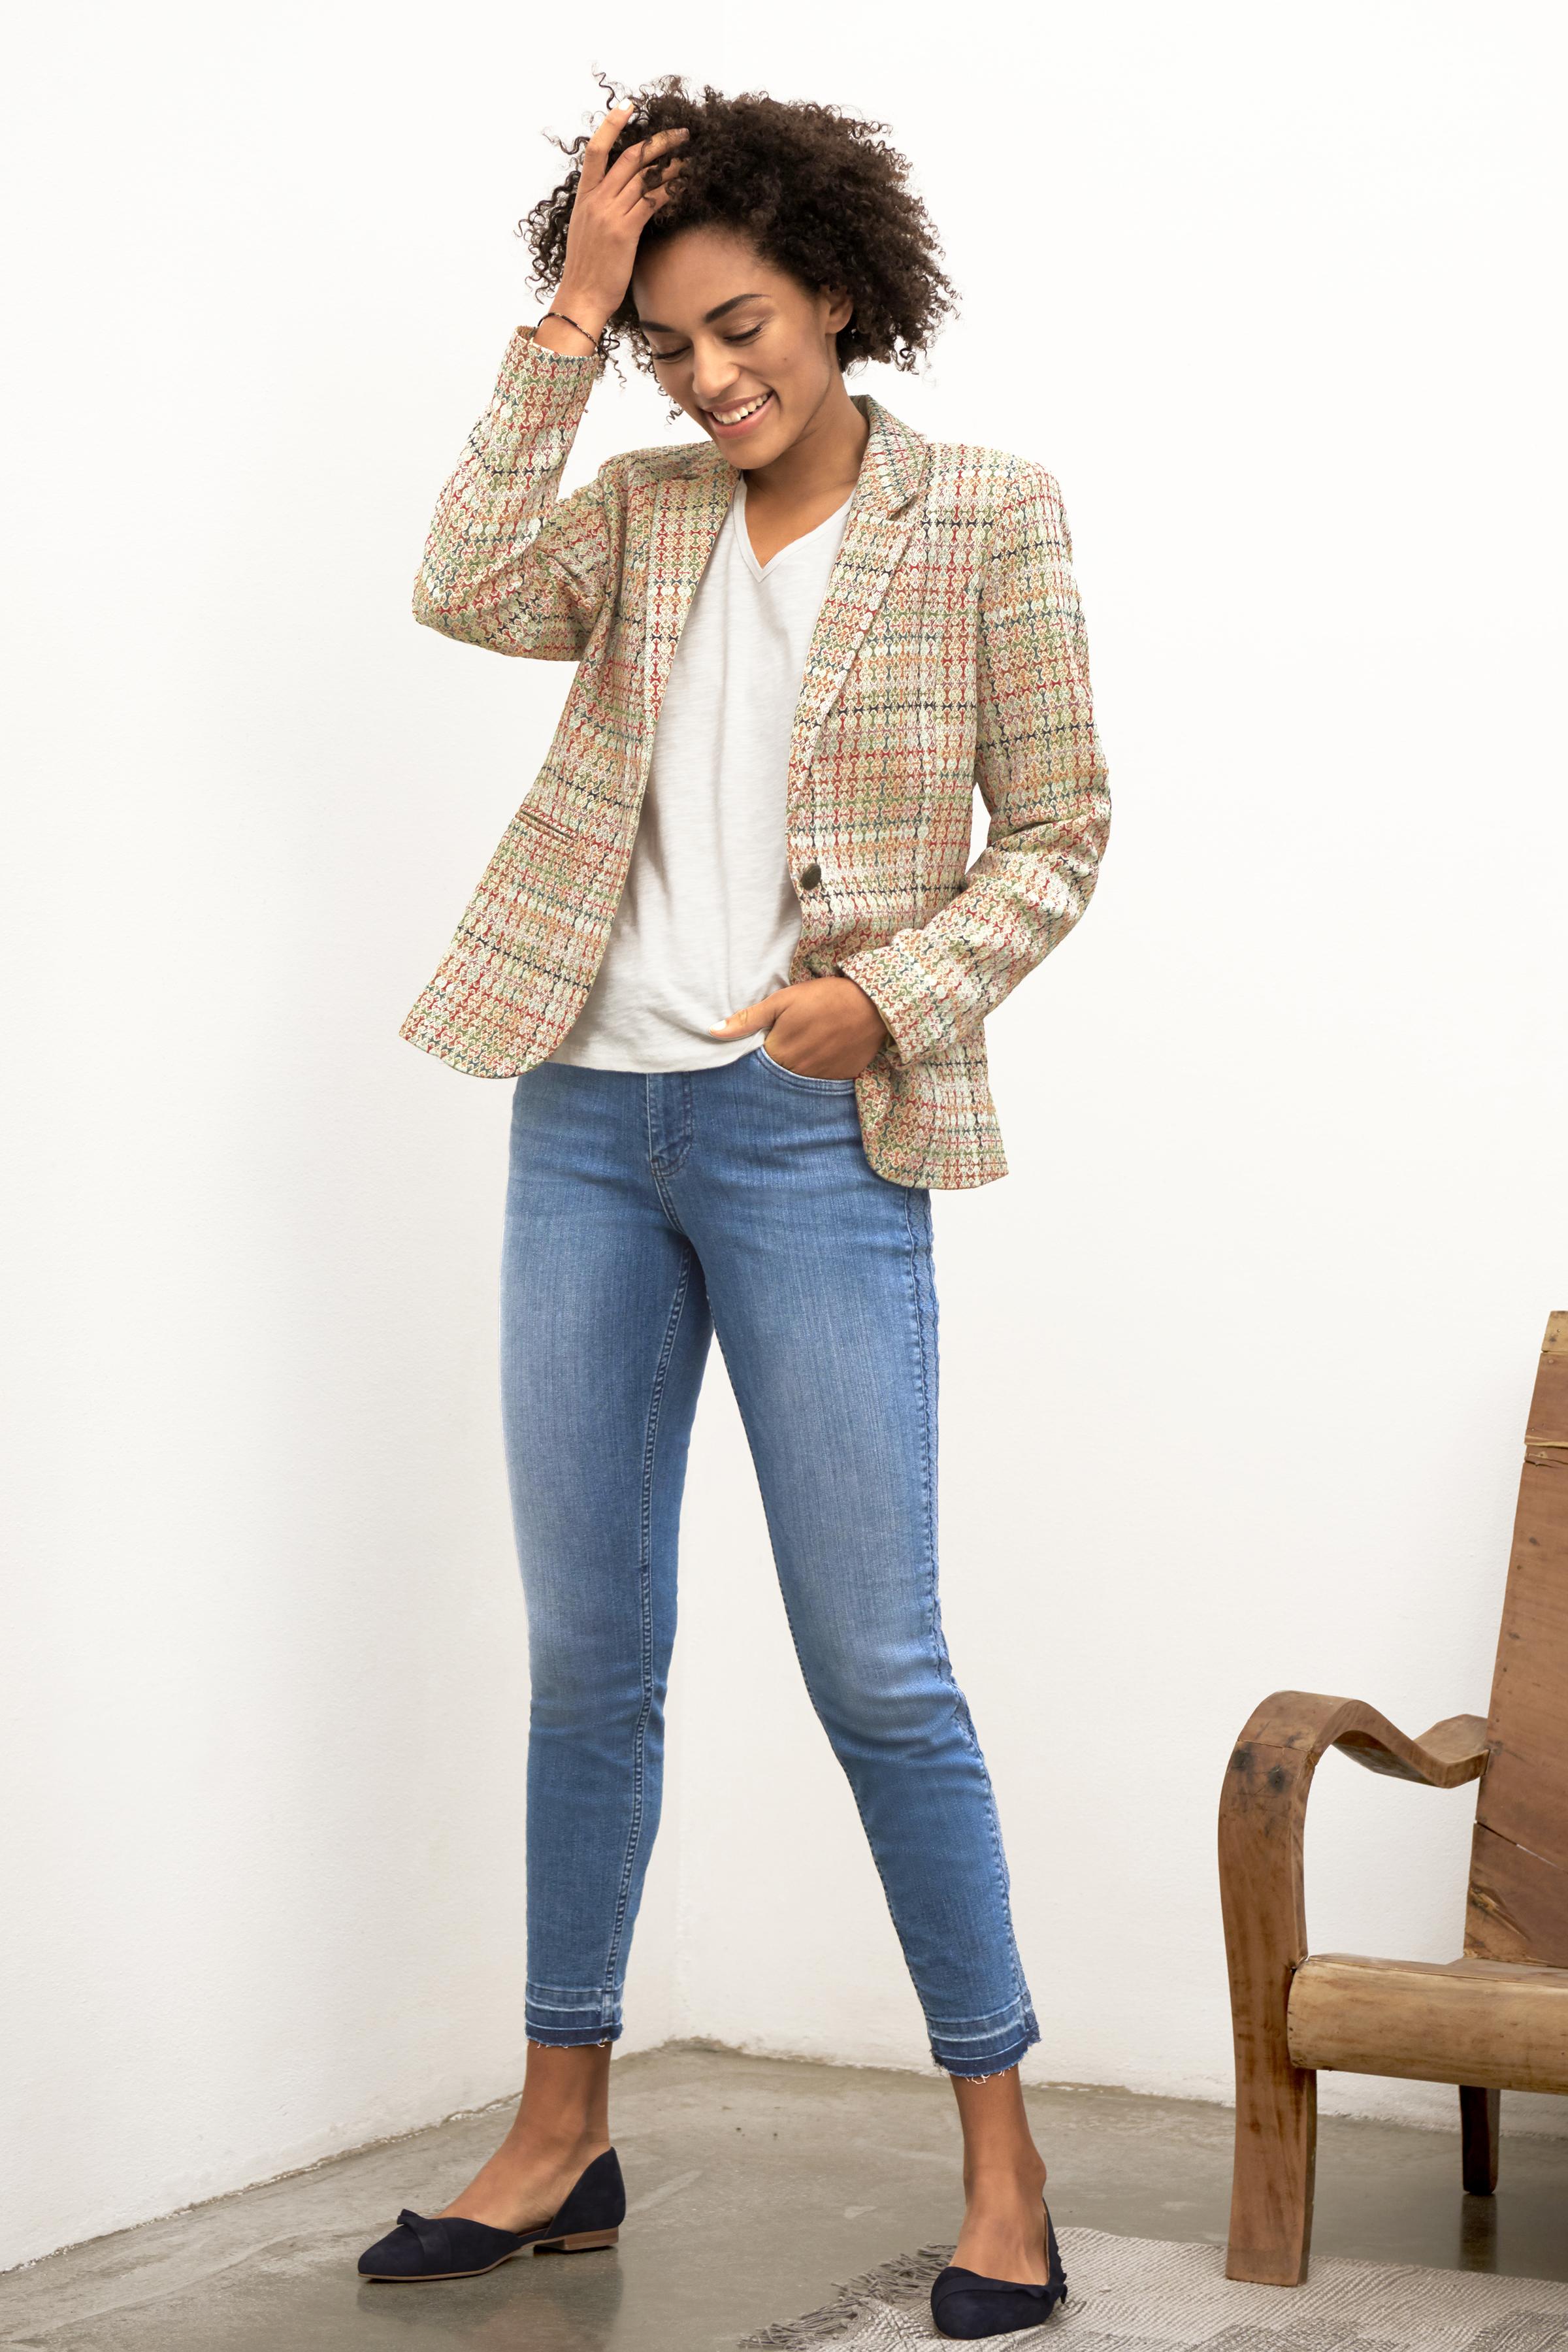 Wollweiß Kurzarm-Shirt von Pulz Jeans – Shoppen Sie Wollweiß Kurzarm-Shirt ab Gr. XS-XXL hier